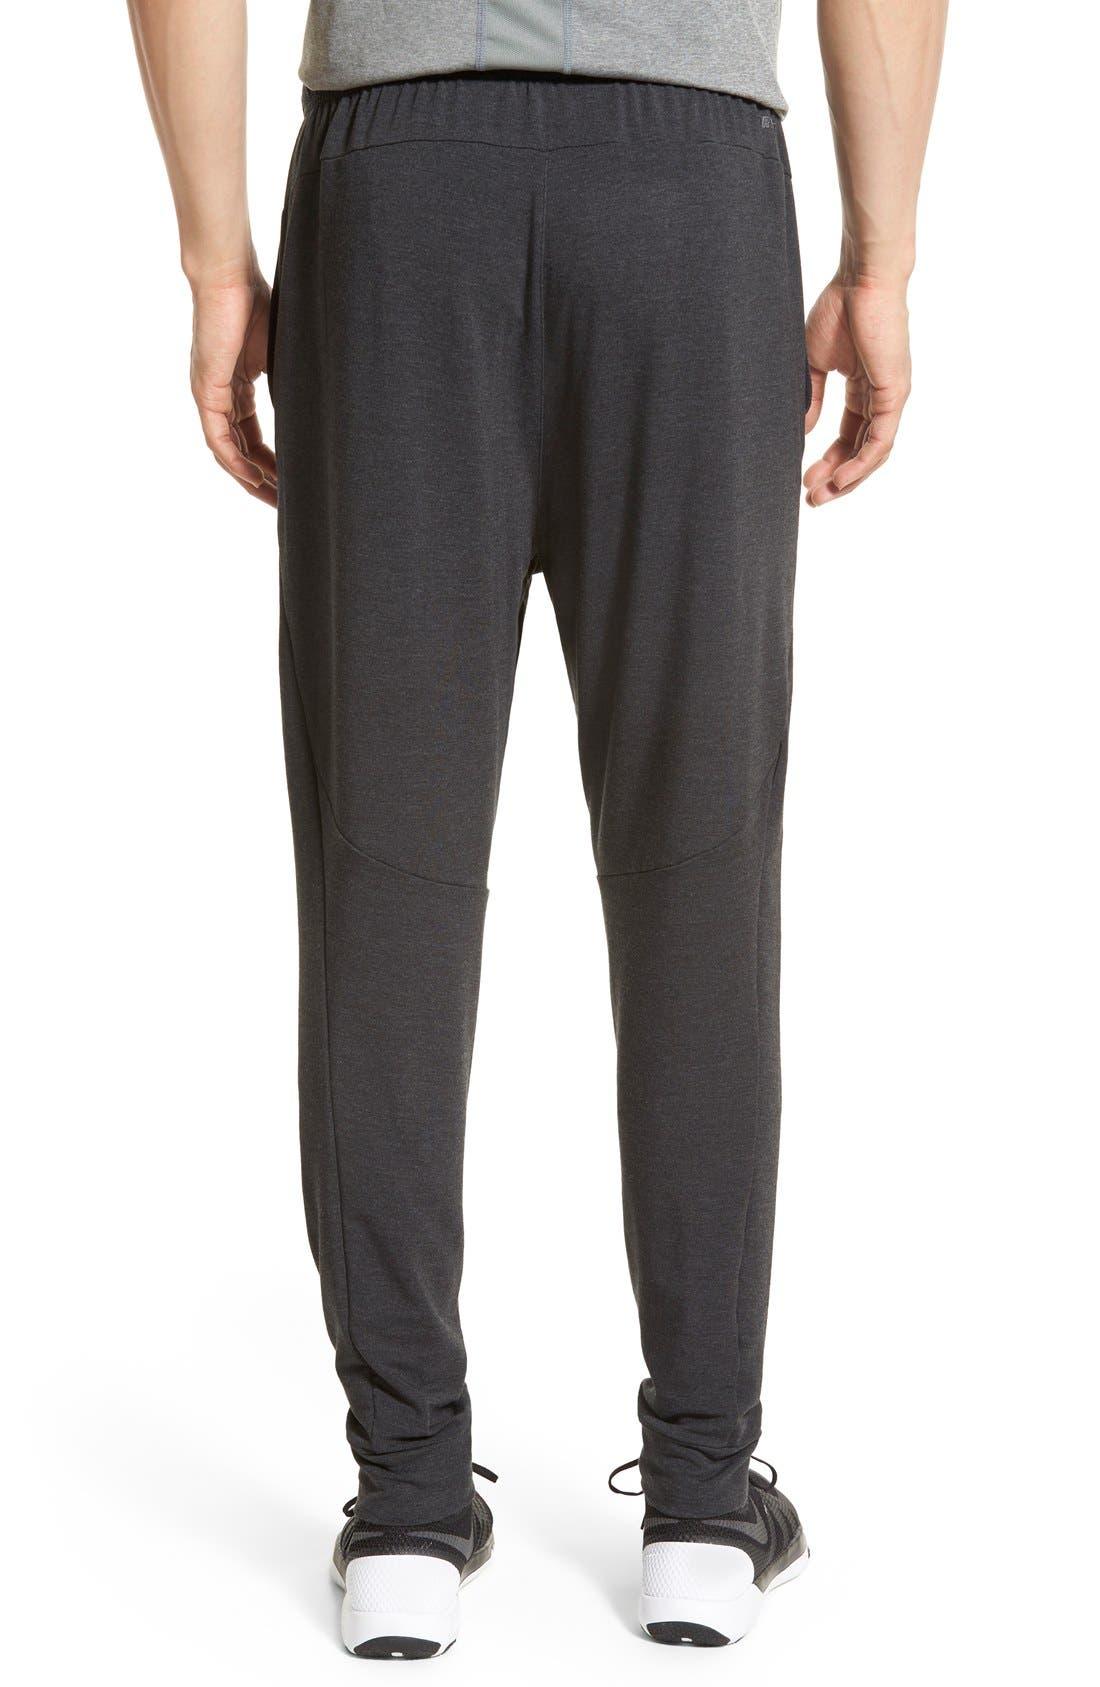 Dri-FIT Fleece Training Pants,                             Alternate thumbnail 2, color,                             Black/ Black